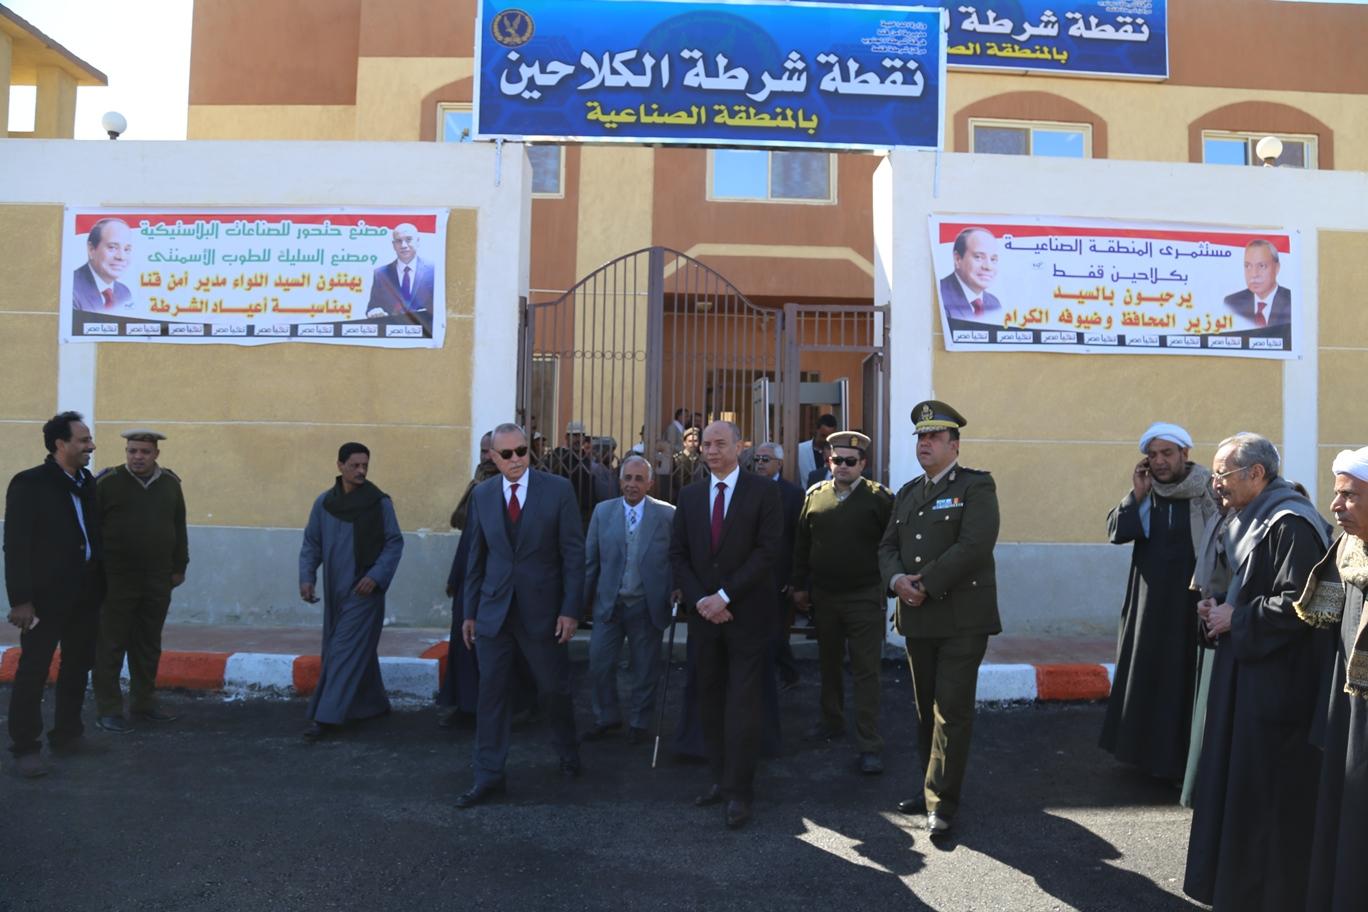 محافظ قنا و مدير الامن يفتتحان نقطة الشرطة (1)